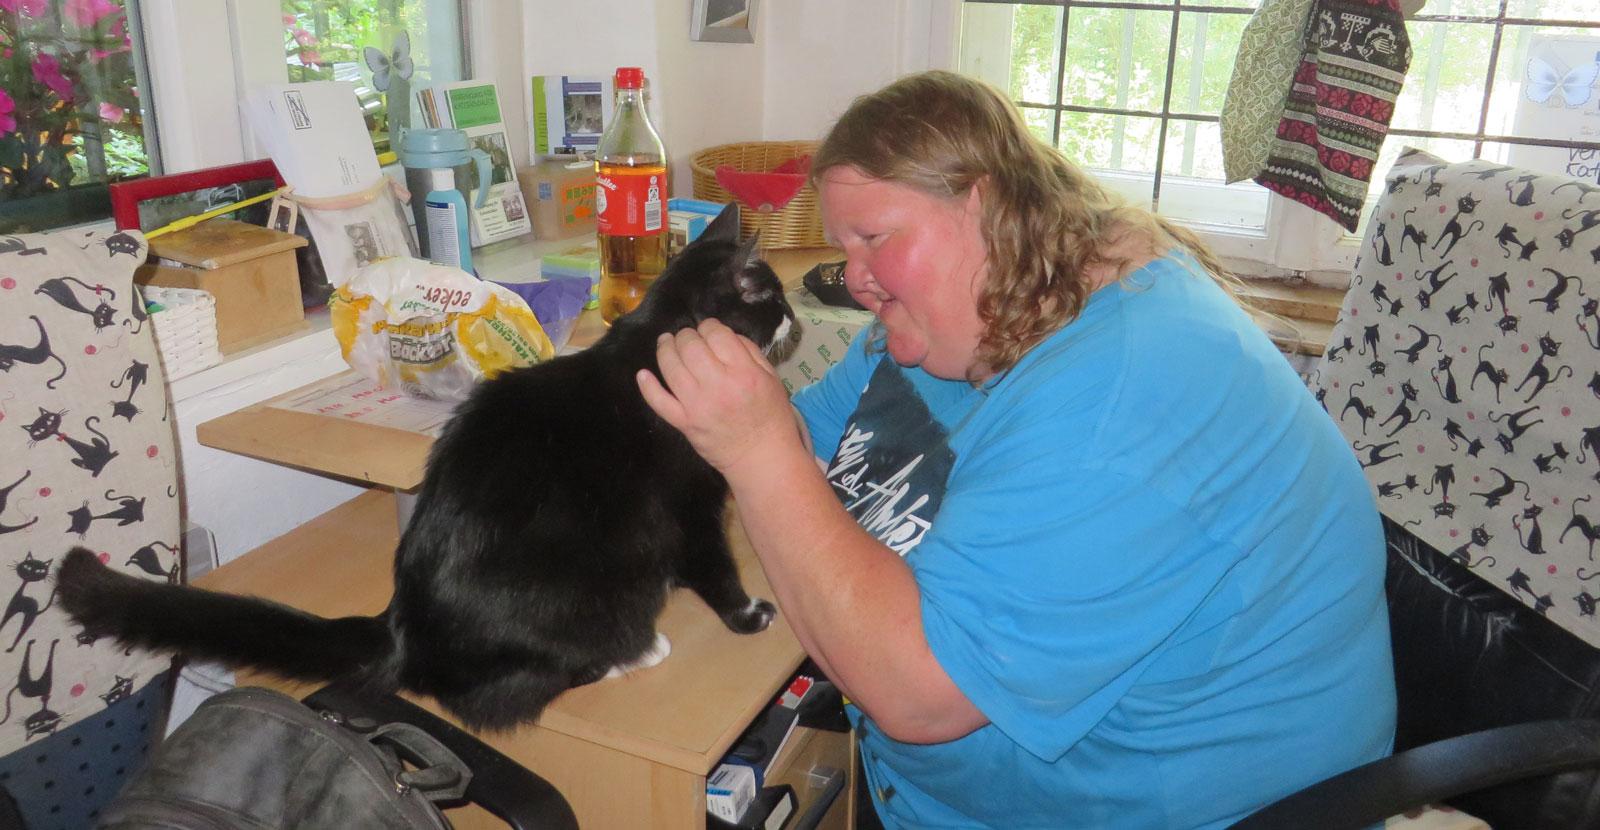 Iris Hoffmann engagiert sich auch ehrenamtlich für Tiere. Jeden zweiten Samstag hilft sie tatkräftig im Katzenhaus Rückersdorf mit.